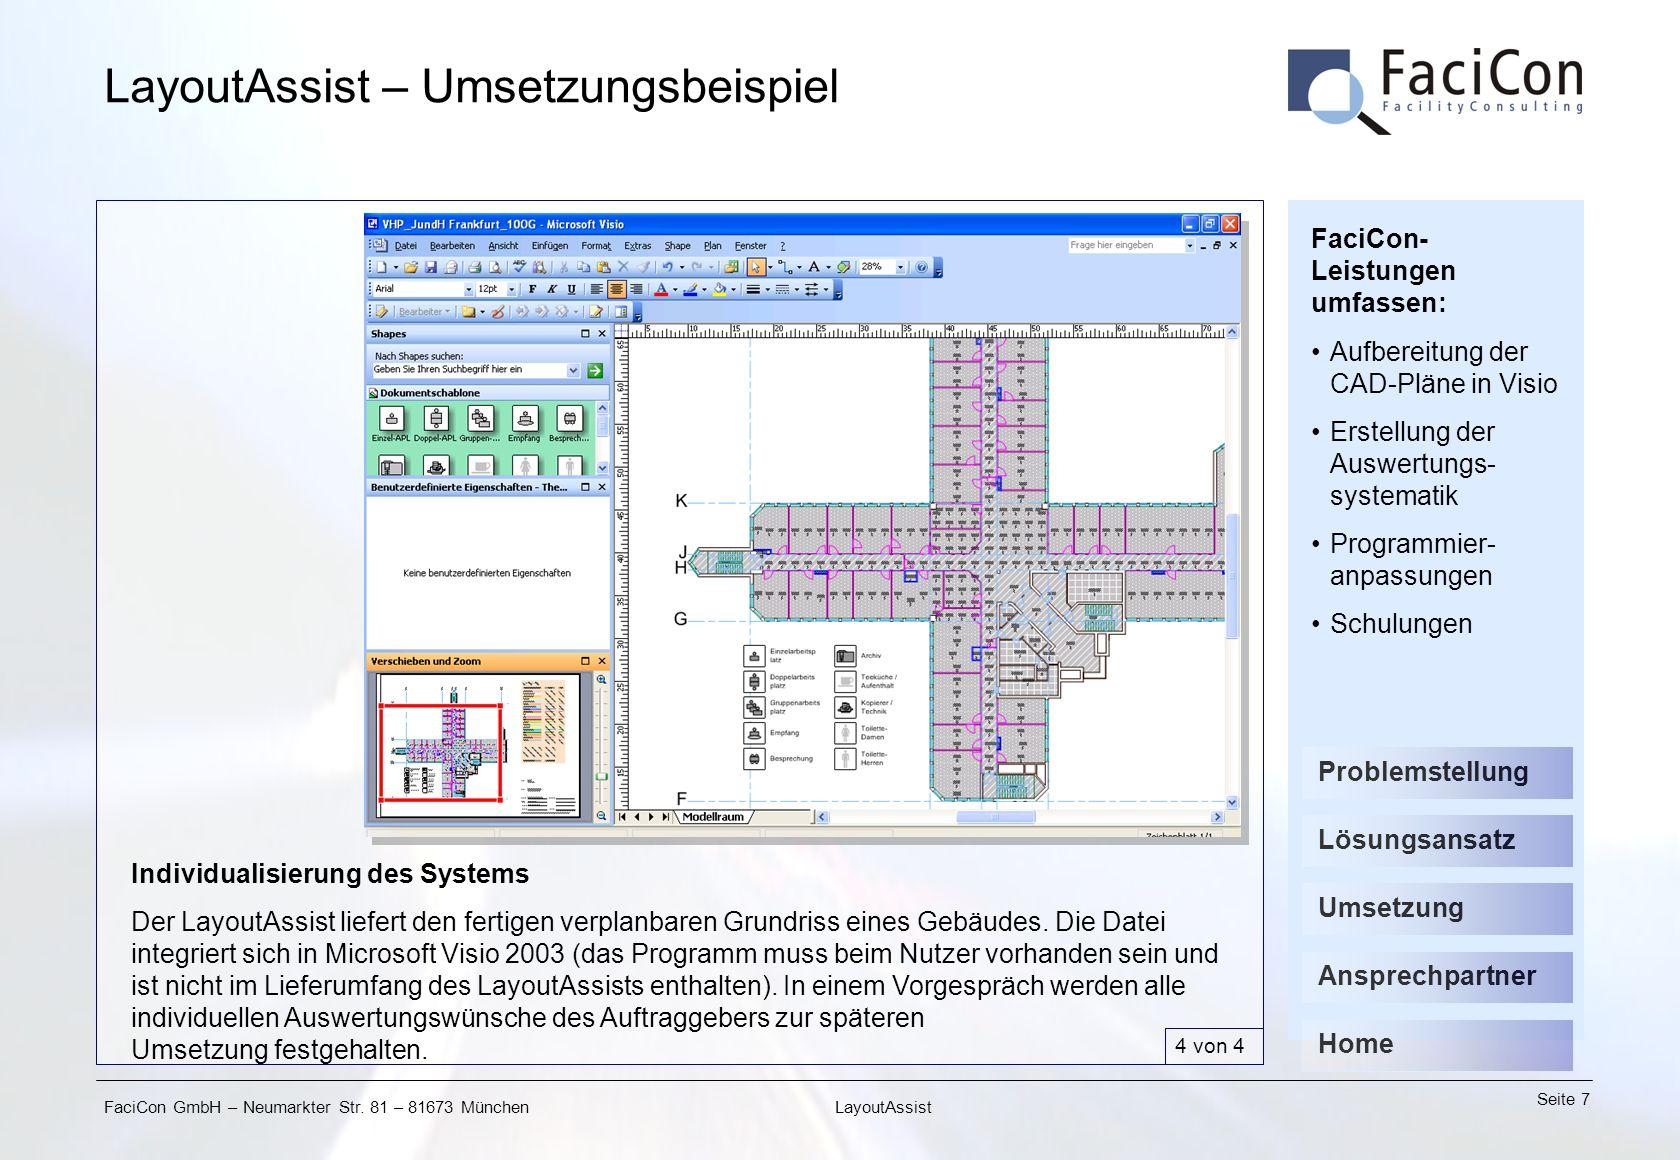 FaciCon GmbH – Neumarkter Str. 81 – 81673 München Seite 7 LayoutAssist LayoutAssist – Umsetzungsbeispiel Individualisierung des Systems Der LayoutAssi